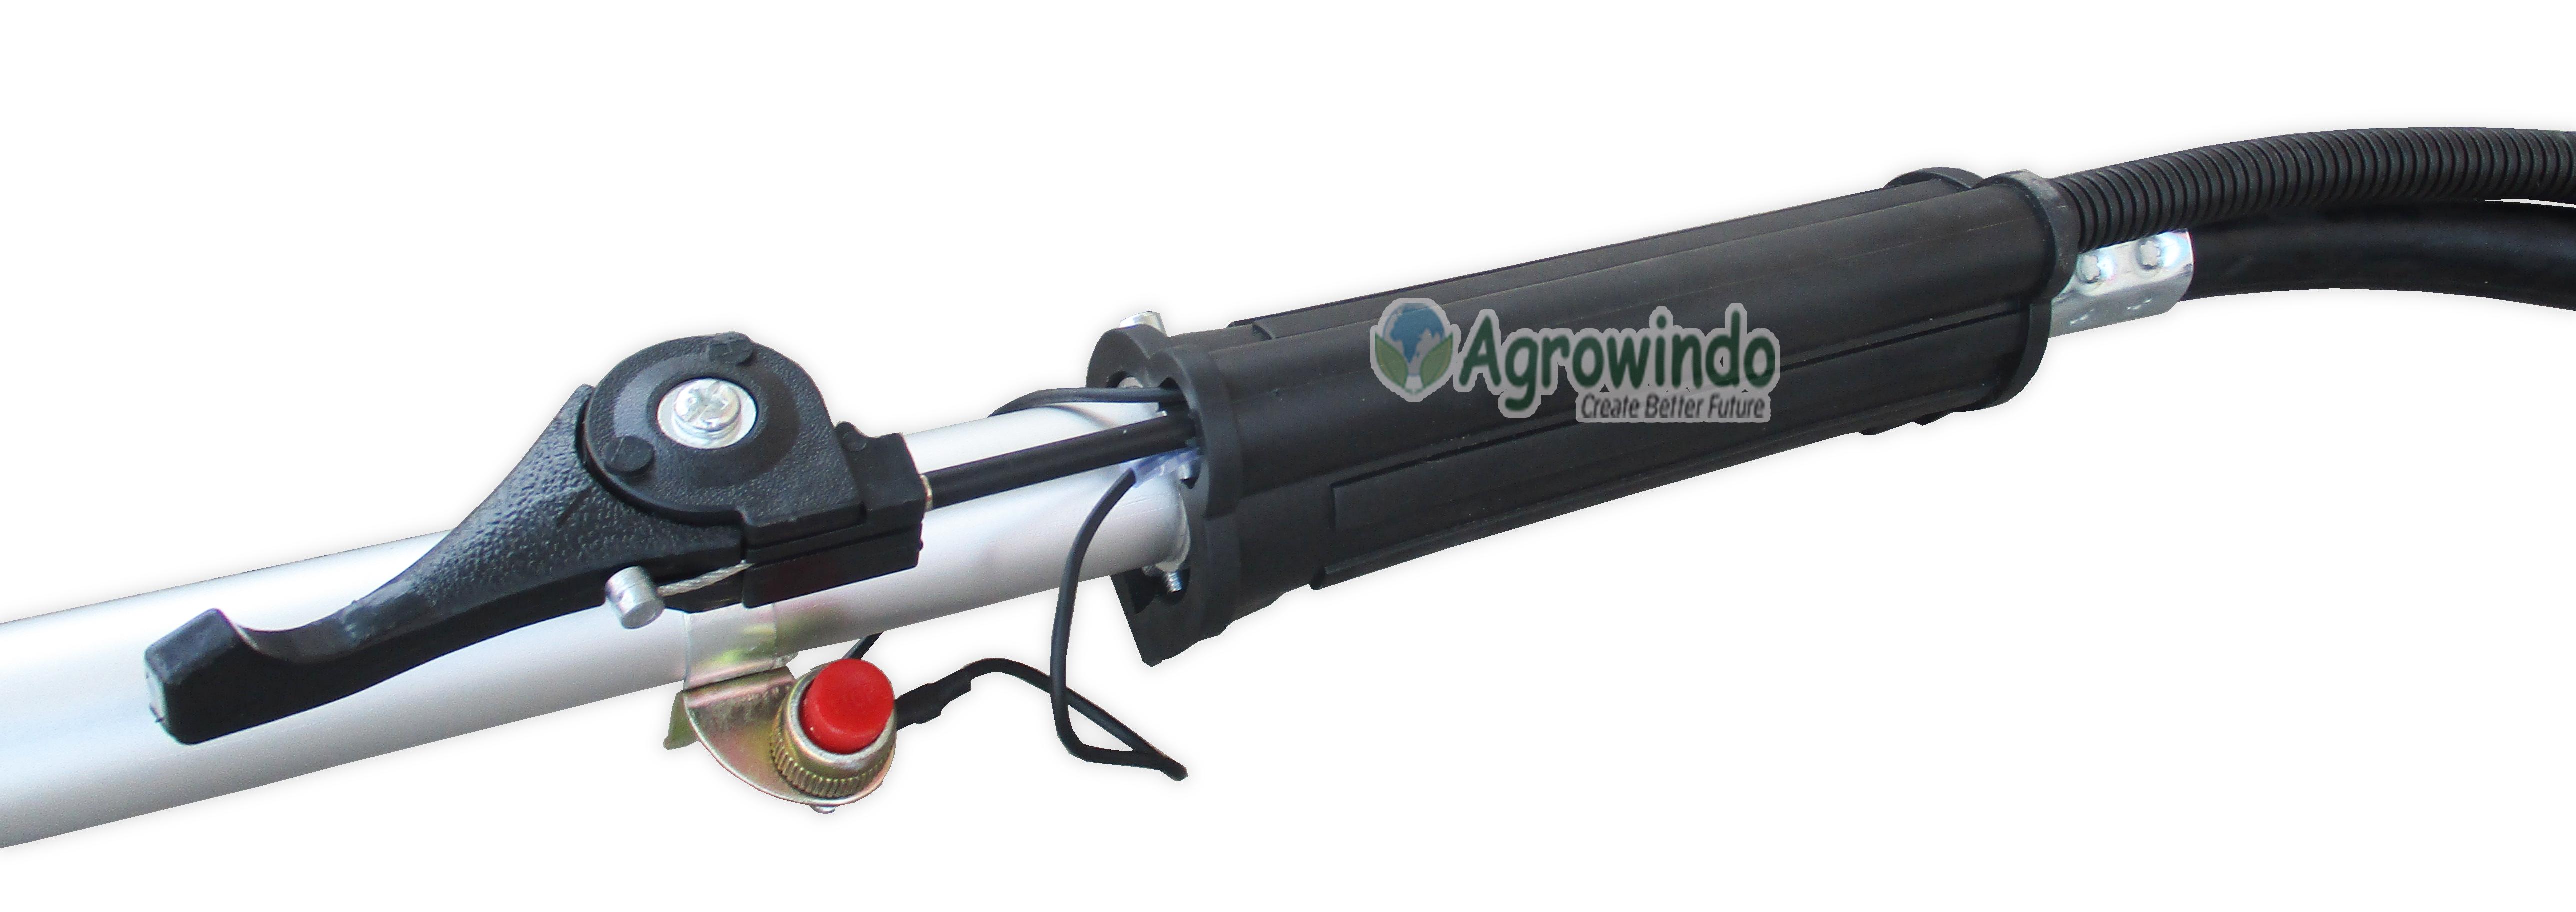 AGR-PR238-Versi-3